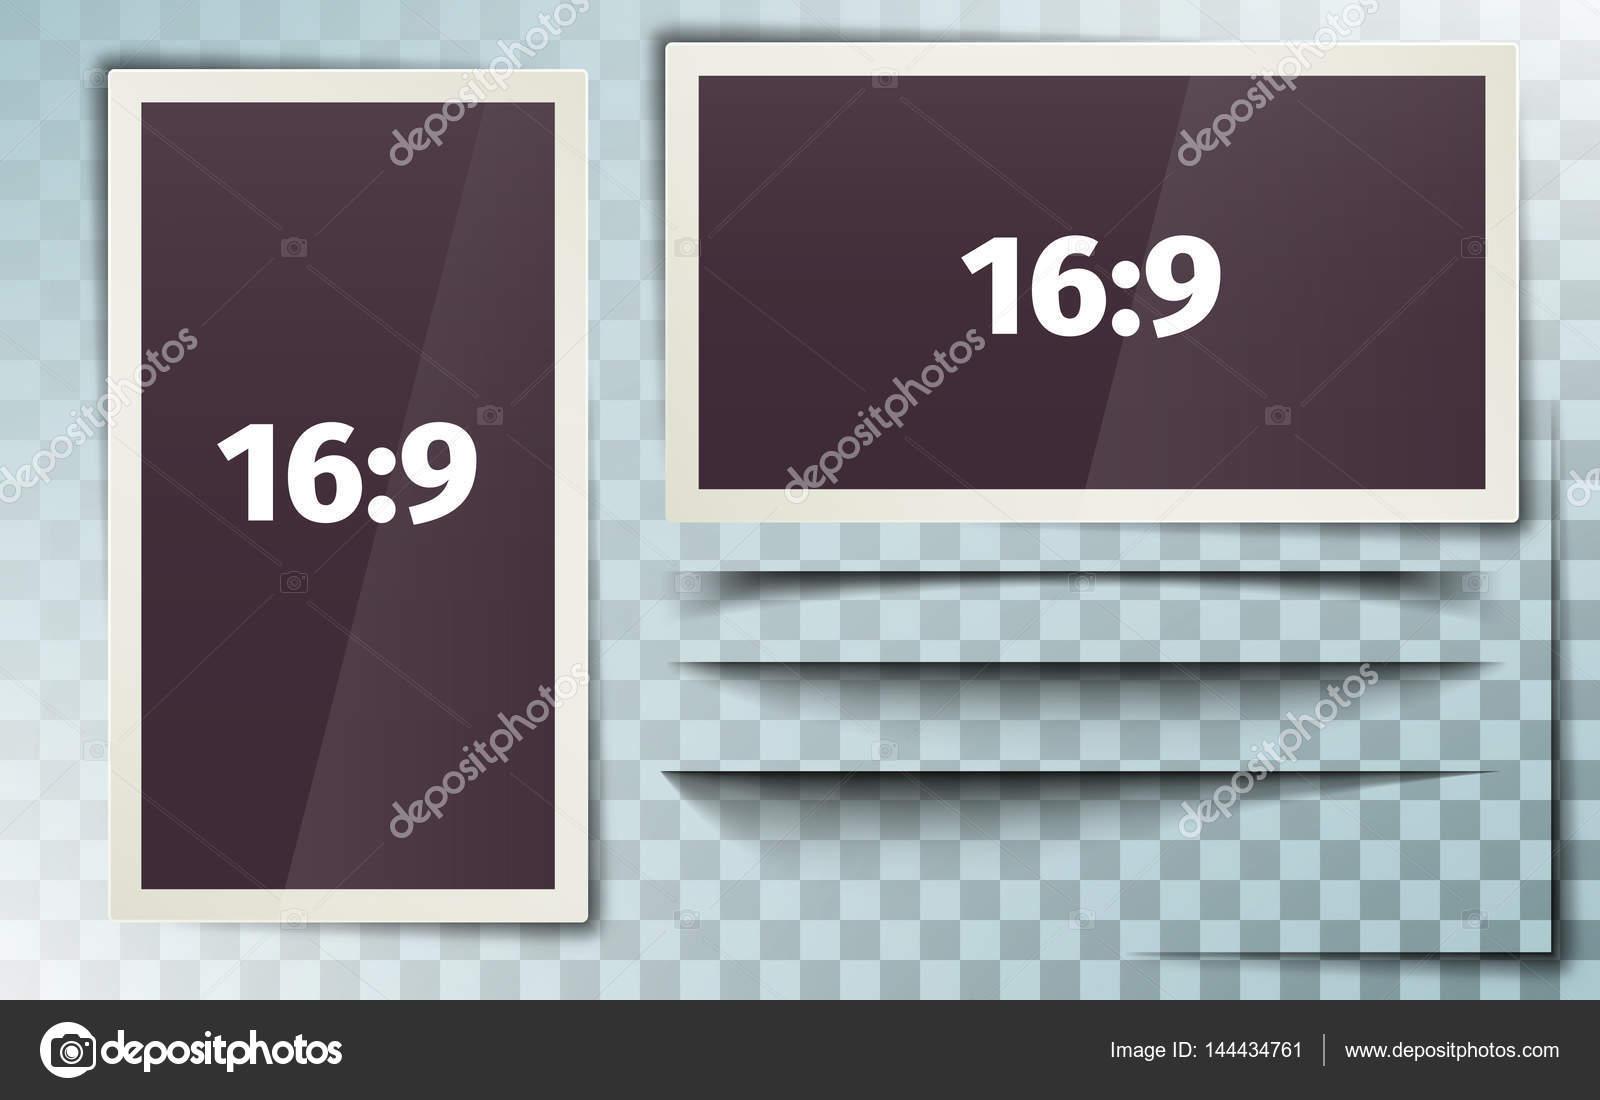 Fotorahmen 16:9. Weiße Kunststoff-Grenze auf einem transparenten ...